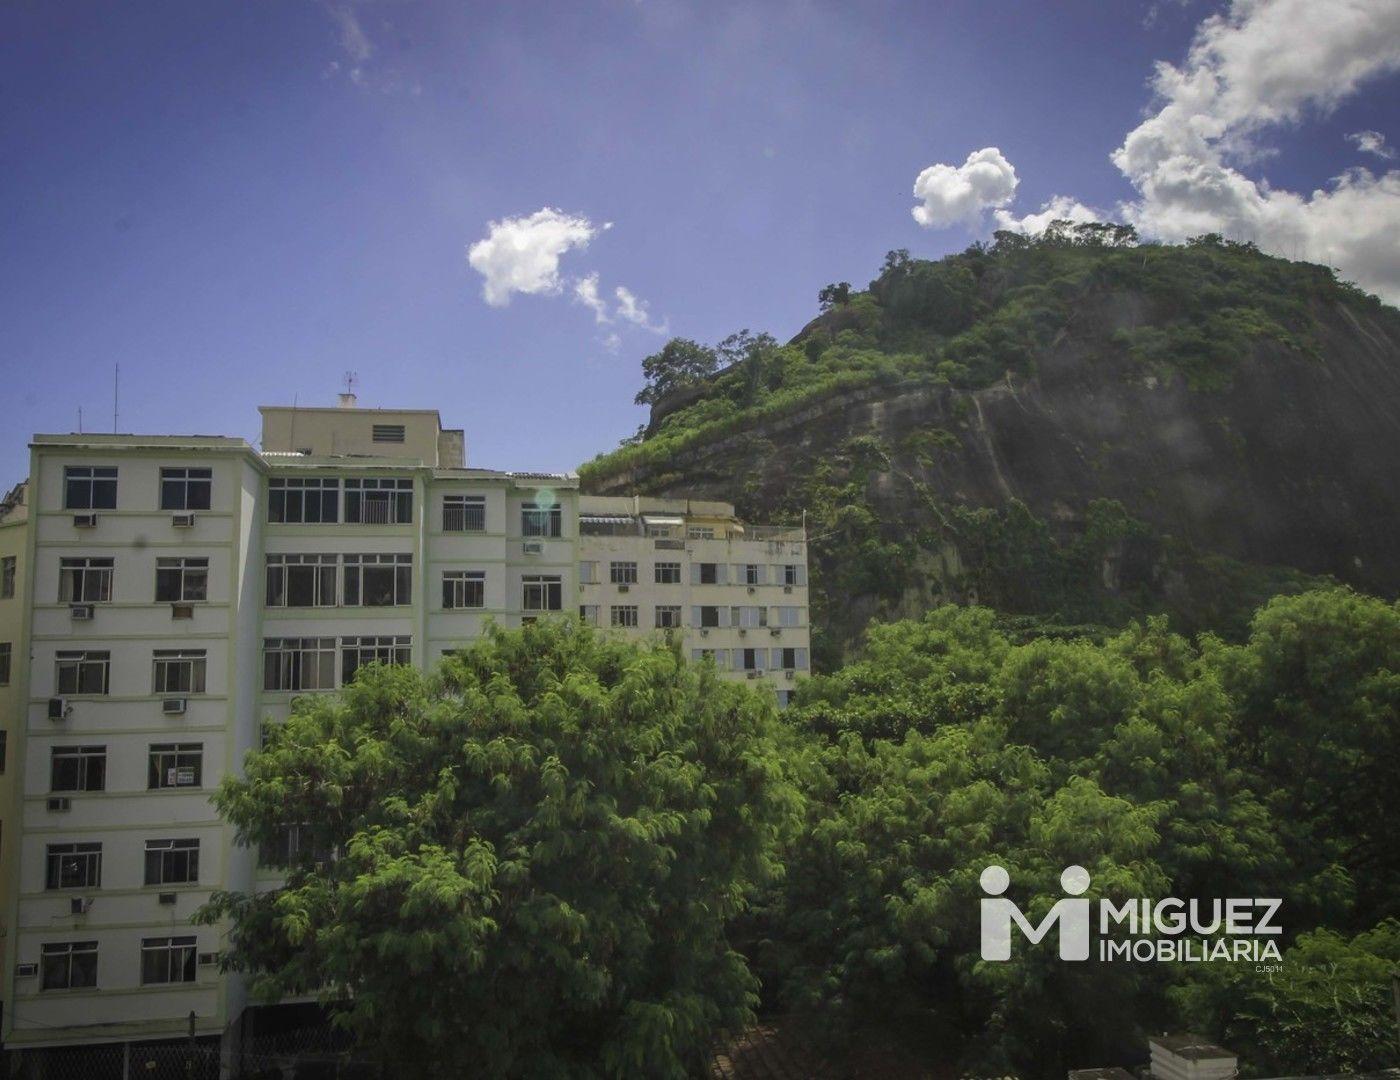 Apartamento, aluguel, Praça Hilda - Tijuca , Rio de janeiro